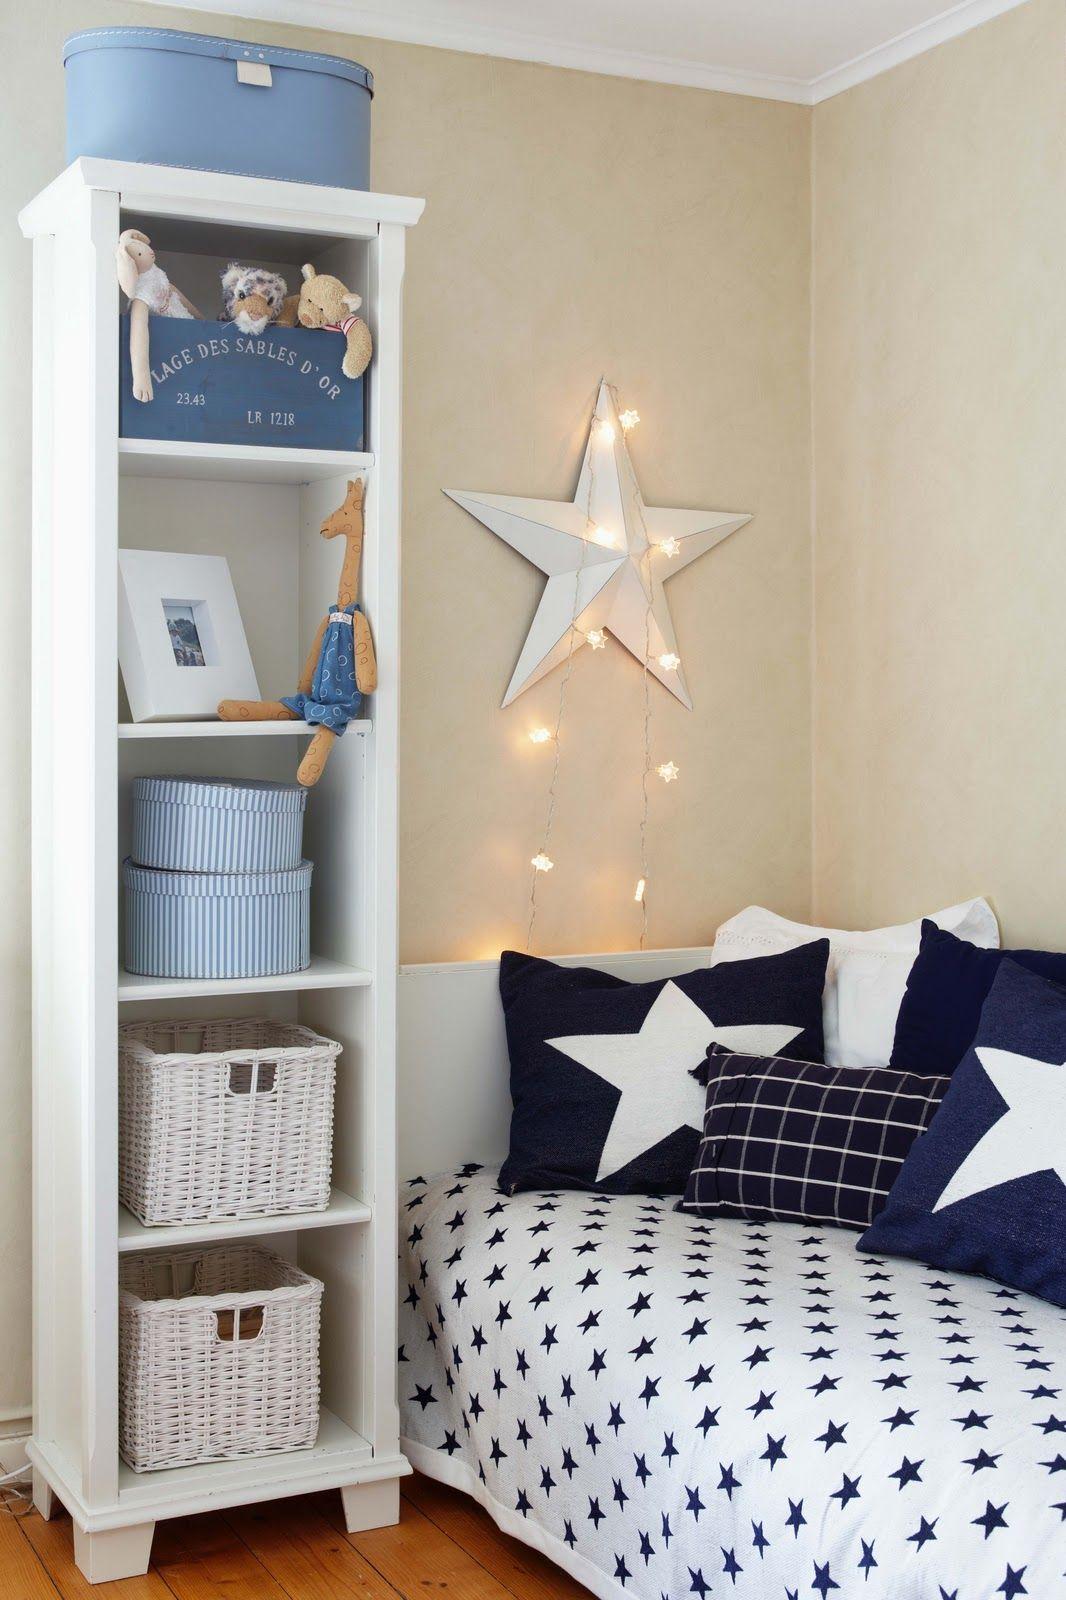 stars kinderzimmer kinderzimmer babyzimmer kidsroom nursery pinterest kinderzimmer. Black Bedroom Furniture Sets. Home Design Ideas